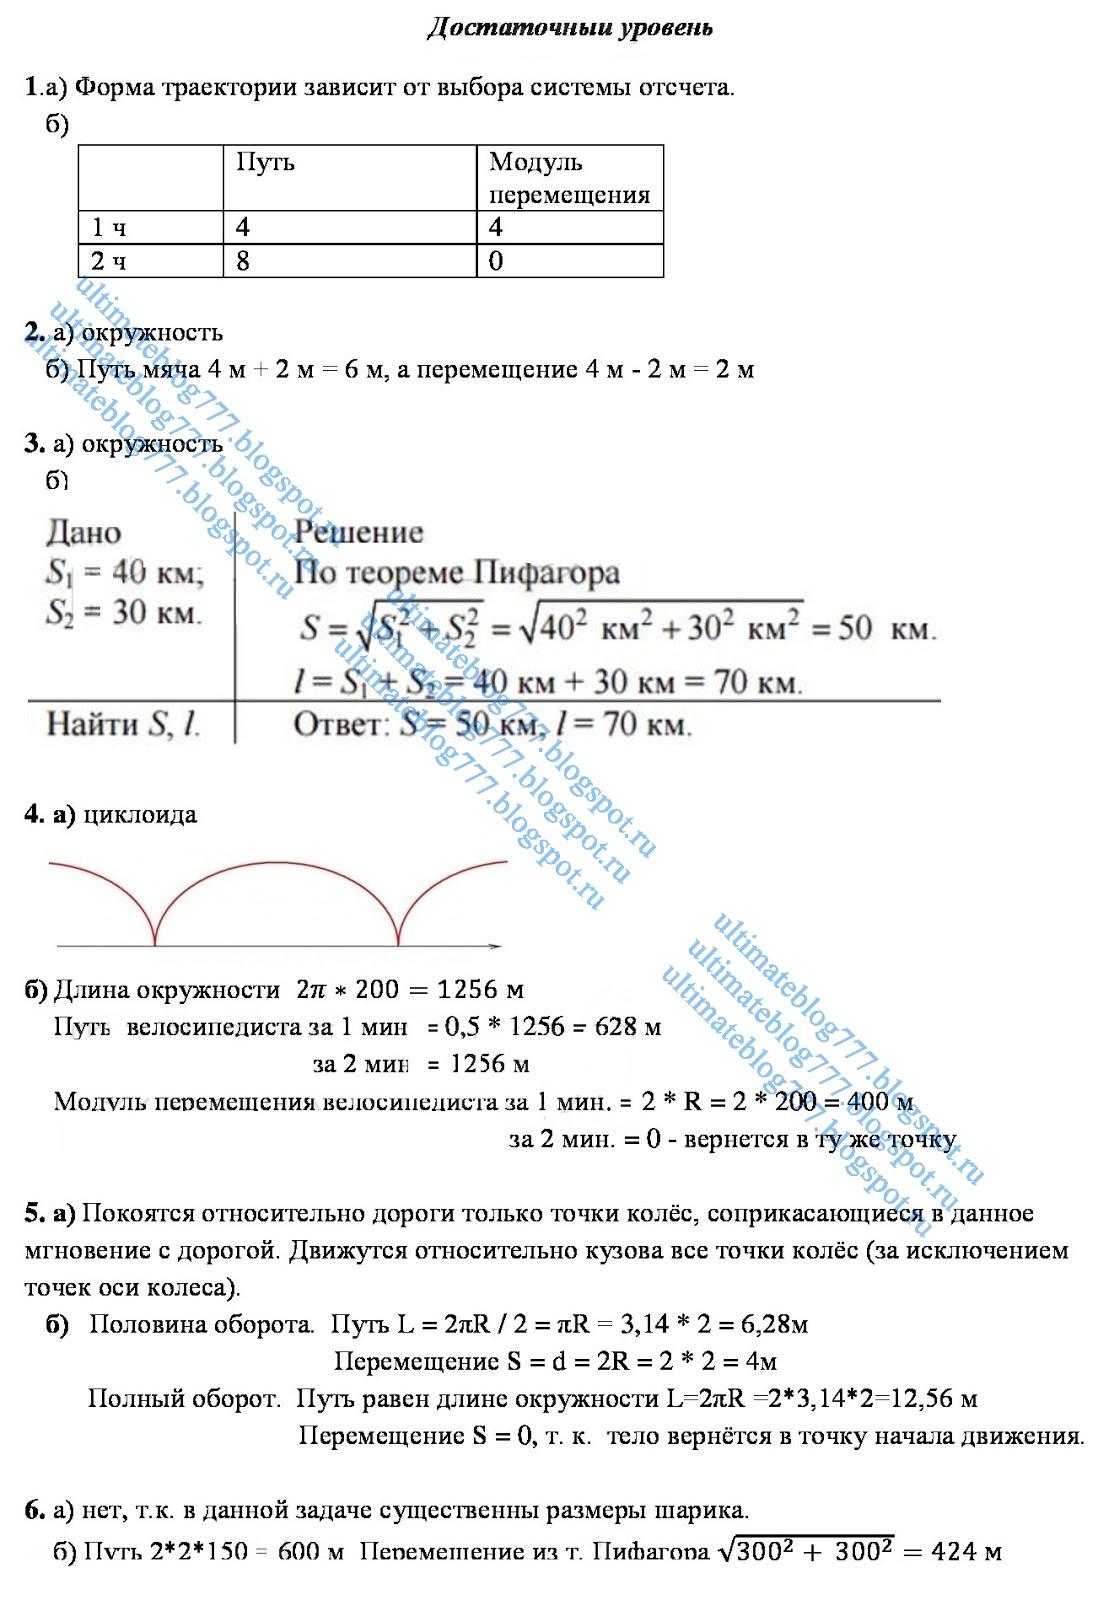 Изобразите схематически траекторию движения точек 998